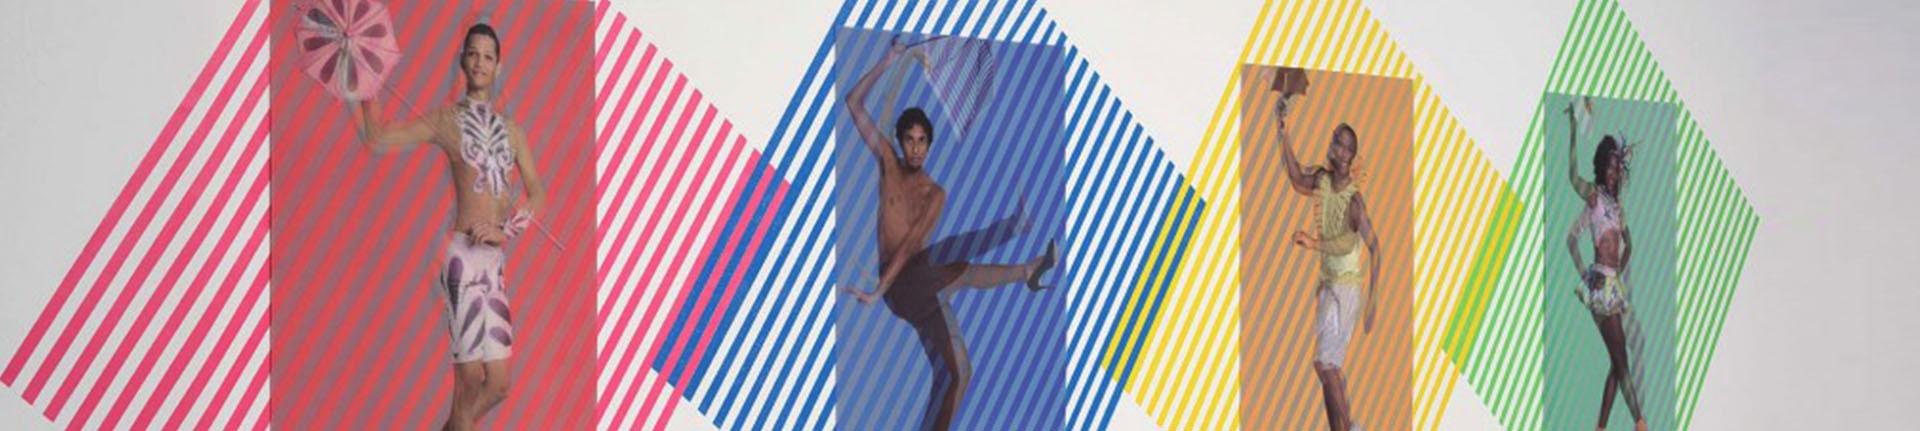 Programa Sala de Encontro no Museu de Arte do Rio